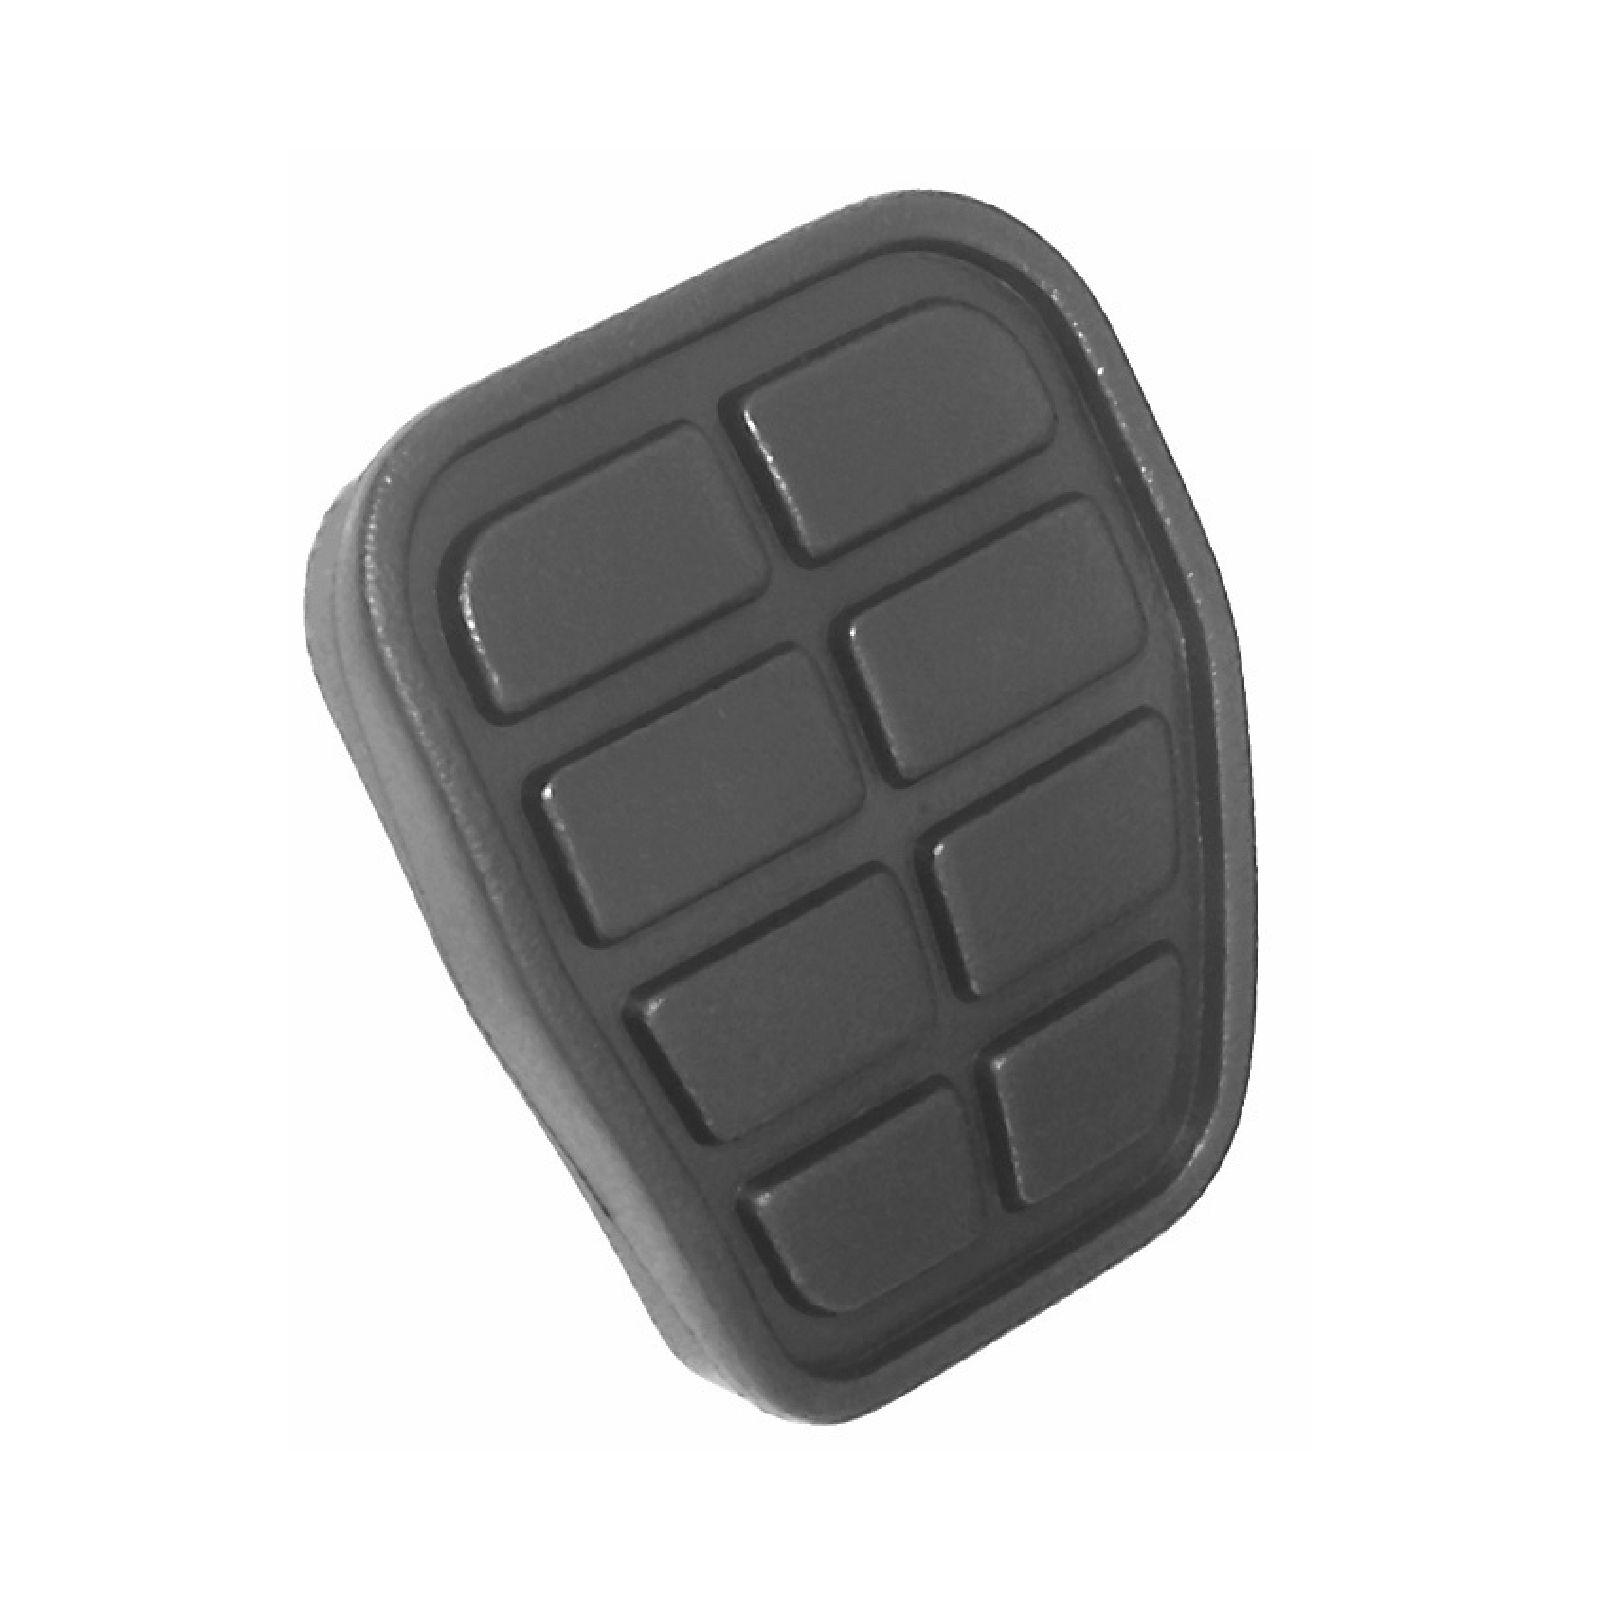 Clutch Pad Material : Febi black rubber anti slip clutch pedal pad genuine oe